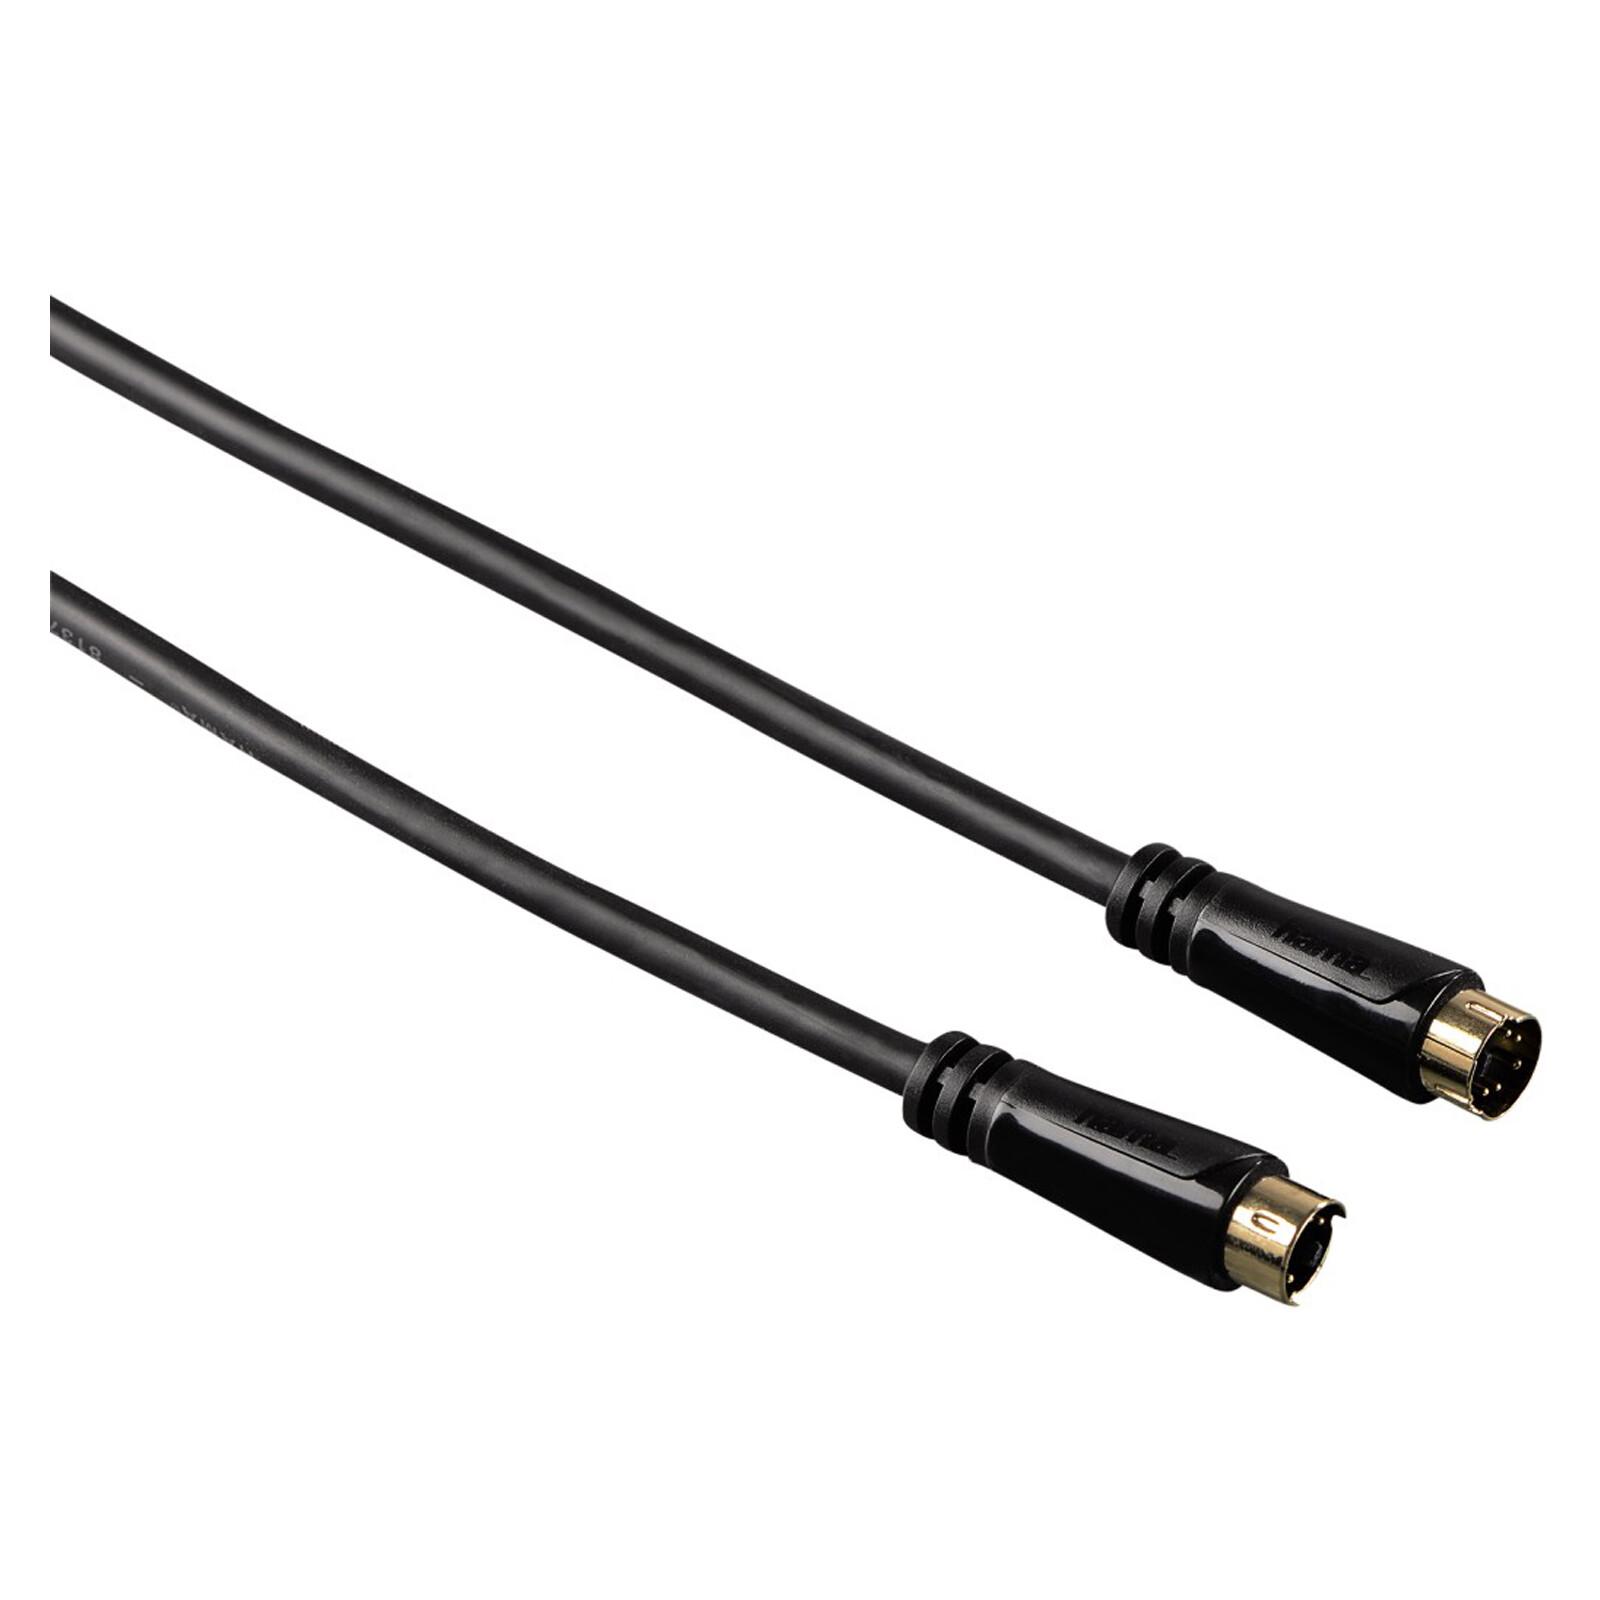 Hama 122151 S-Video Kabel 1,5m